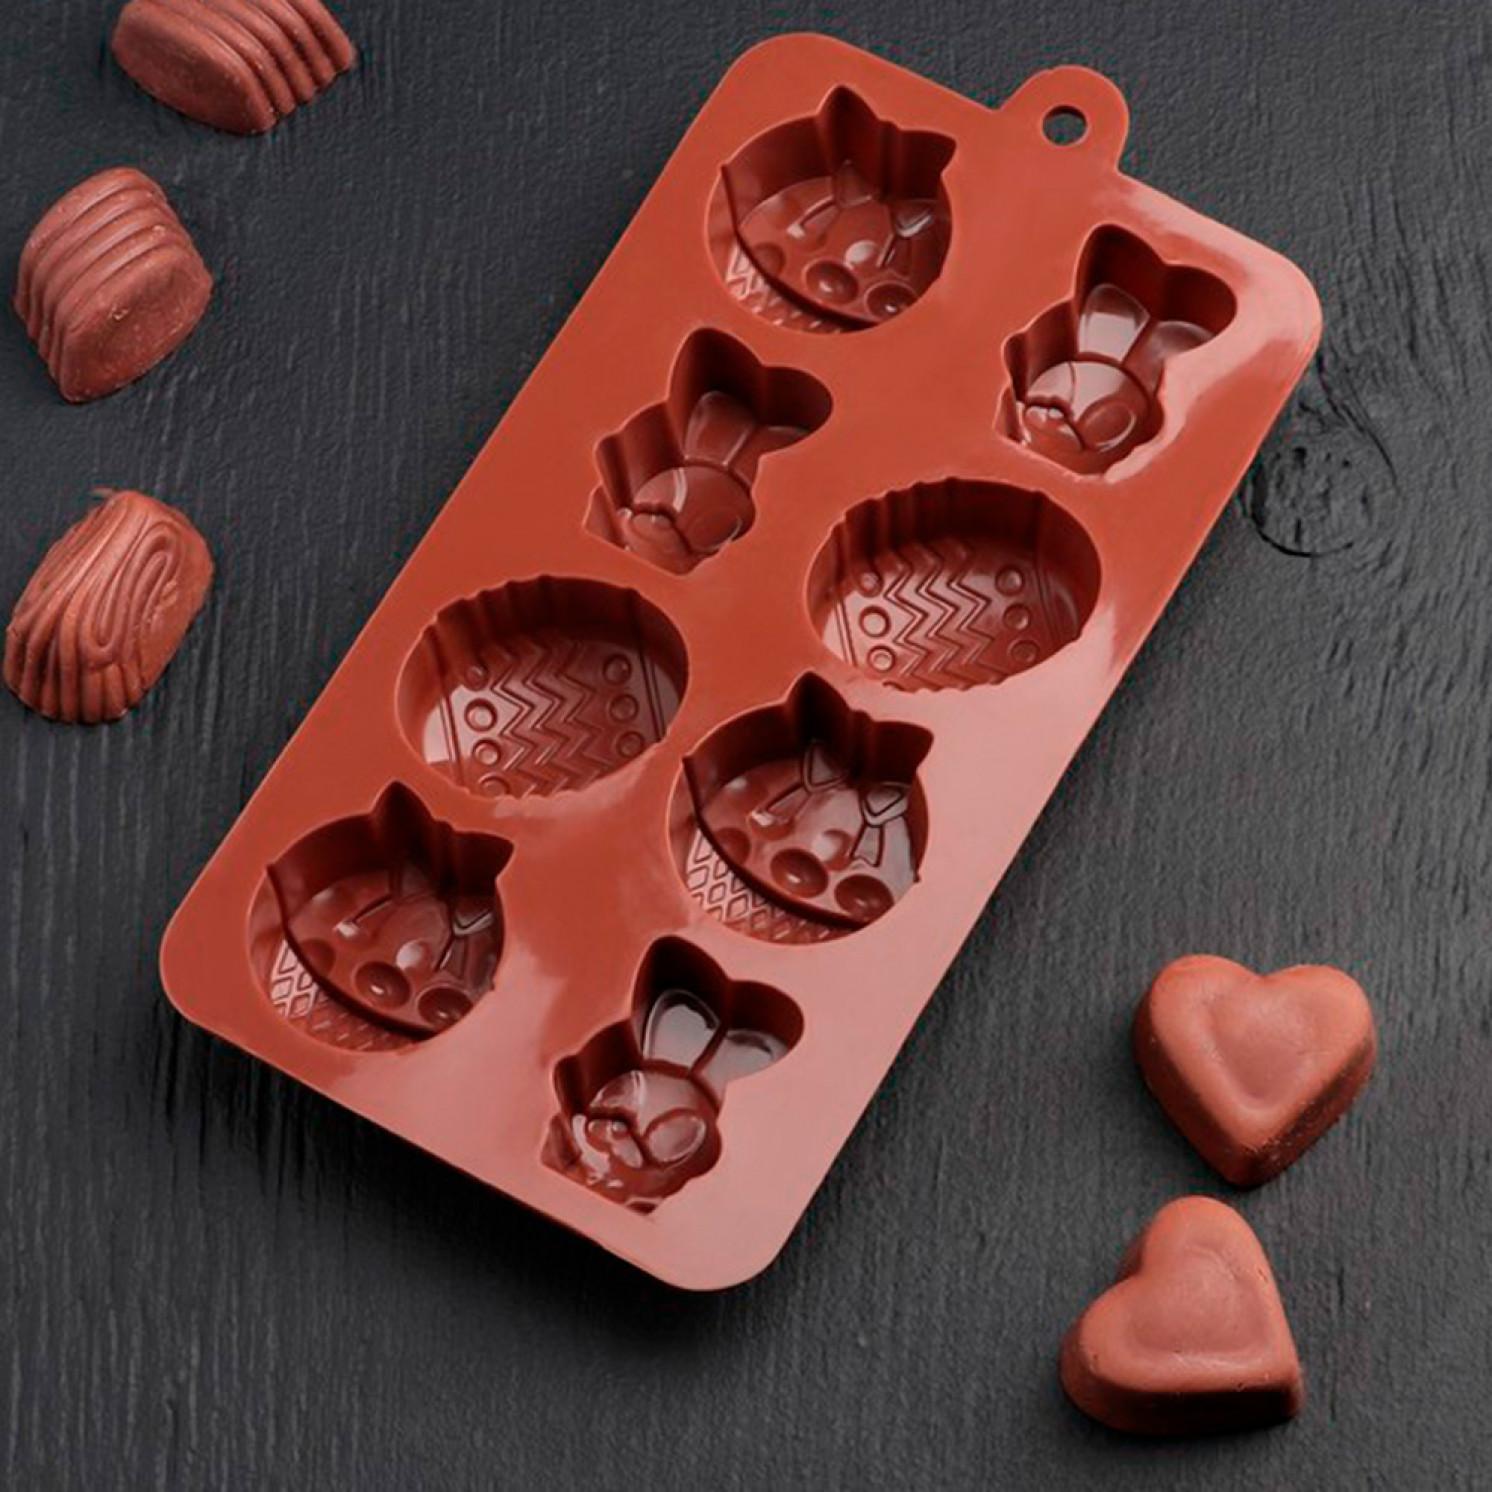 Форма для льда и шоколада «Пасха», 21,7×11,8×3 см, 8 ячеек, цвет шоколадный